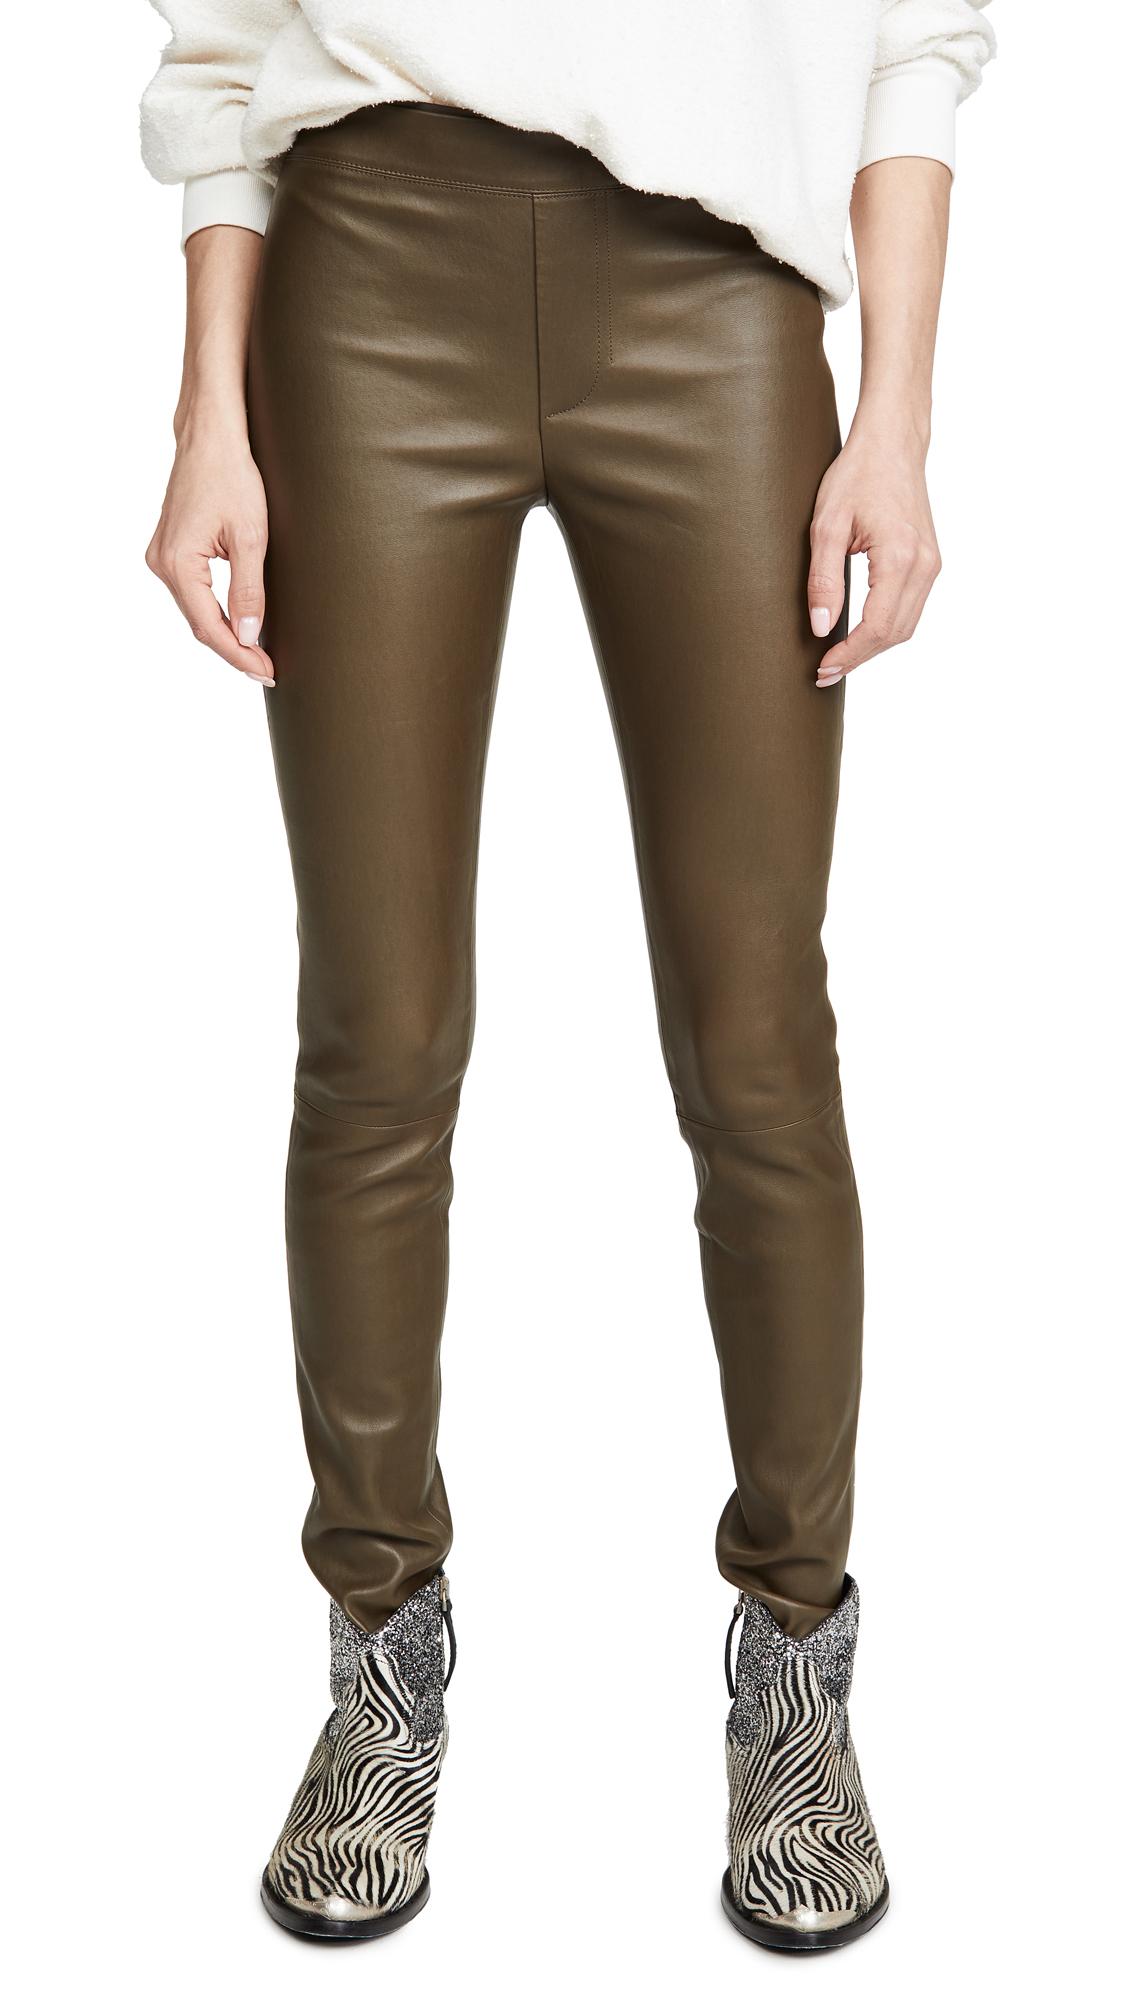 Helmut Lang Leather Leggings - Resin